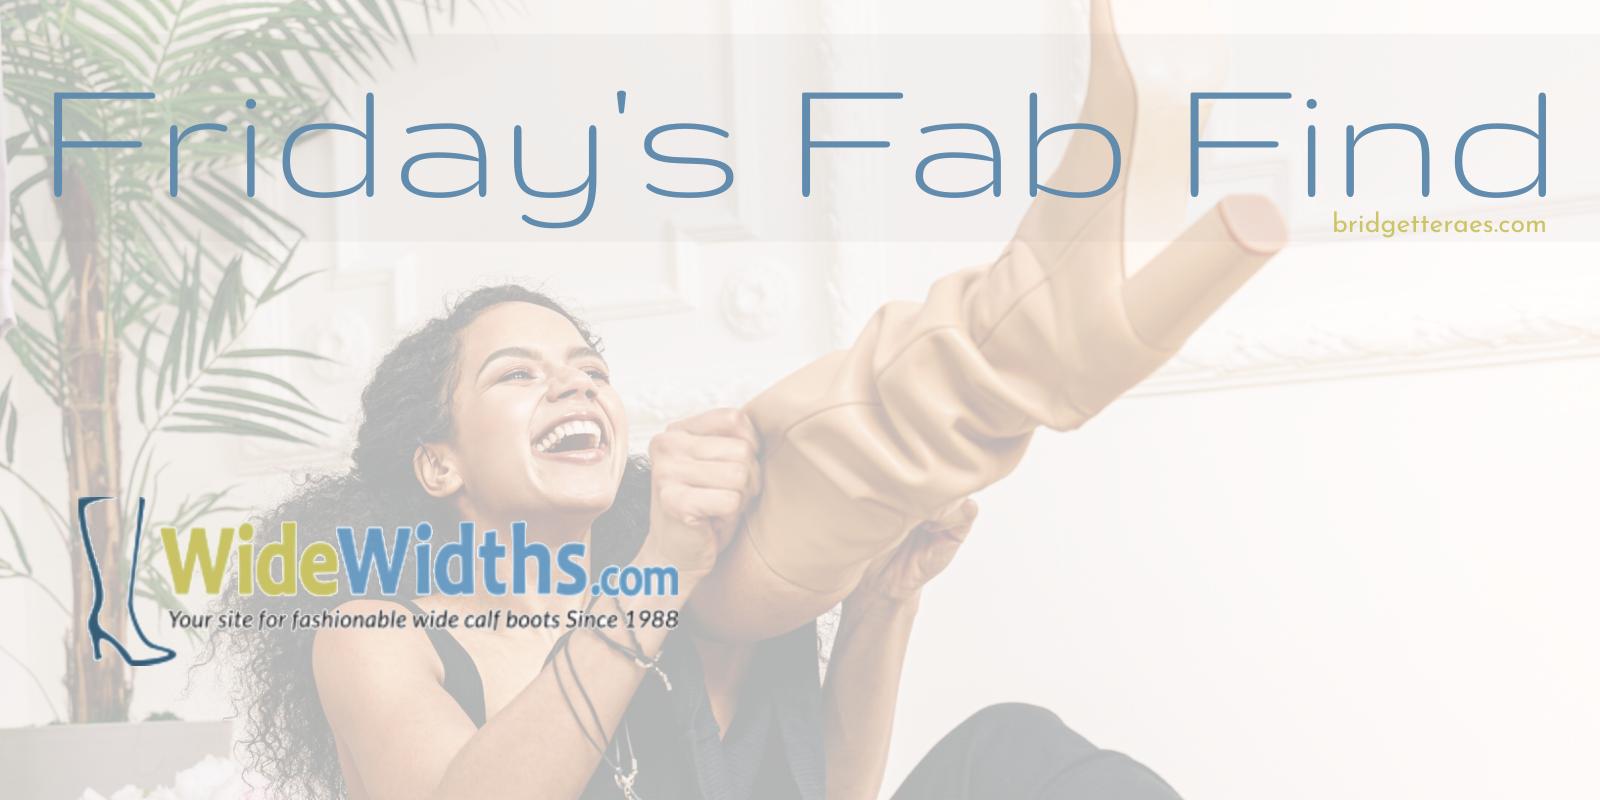 Friday's Fab Find: WideWidths.com